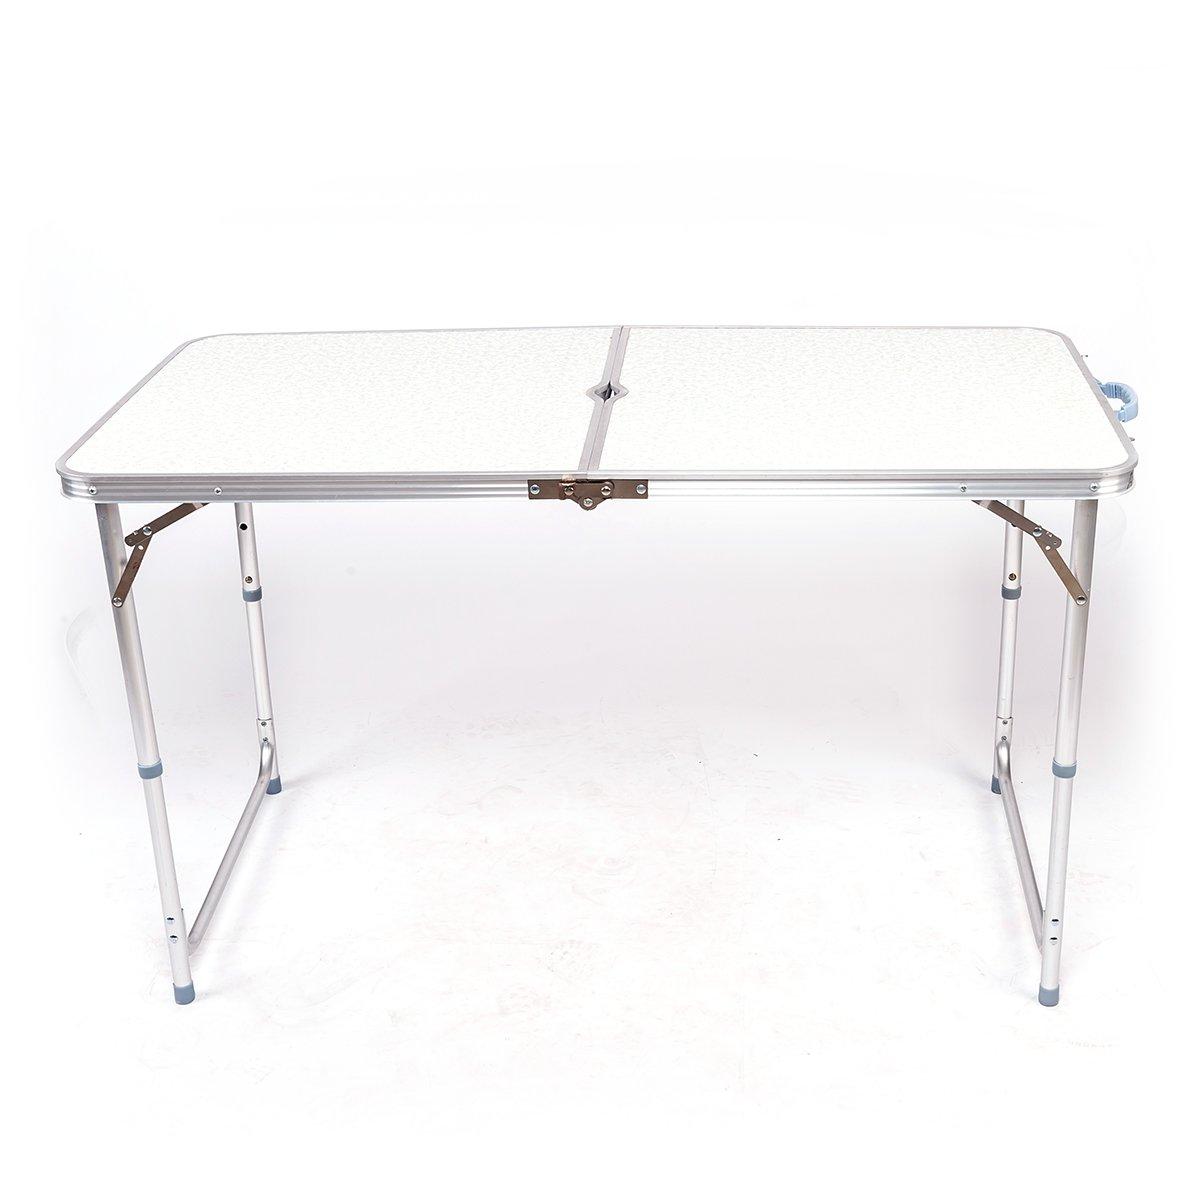 Dxp Tapisser Table Réglable 100x60x73808794Cm Hauteur Aluminium À Pliantes Camping En Portable De Multiusage wPkuOXiTZ